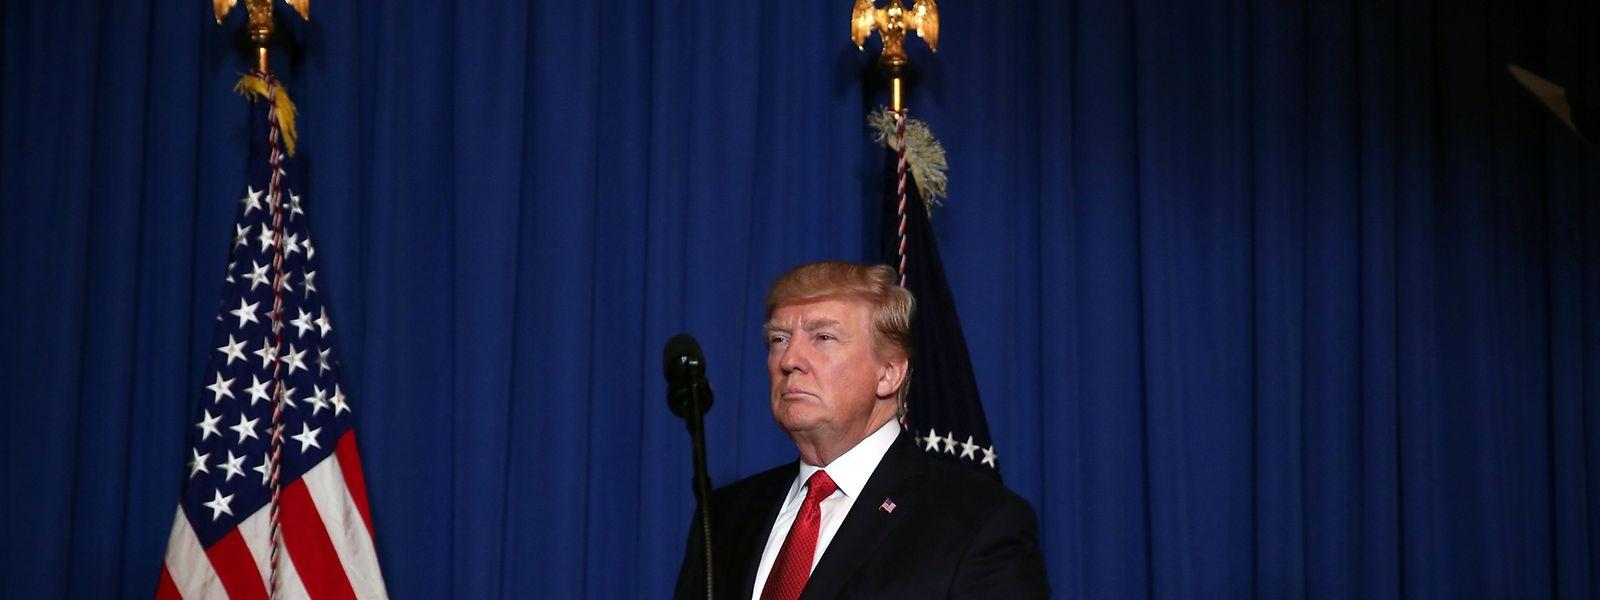 """Donald Trump forderte von seinem Golfhotel Mar-A-Lago aus eine """"internationale Koalition, um das Schlachten in Syrien zu beenden""""."""